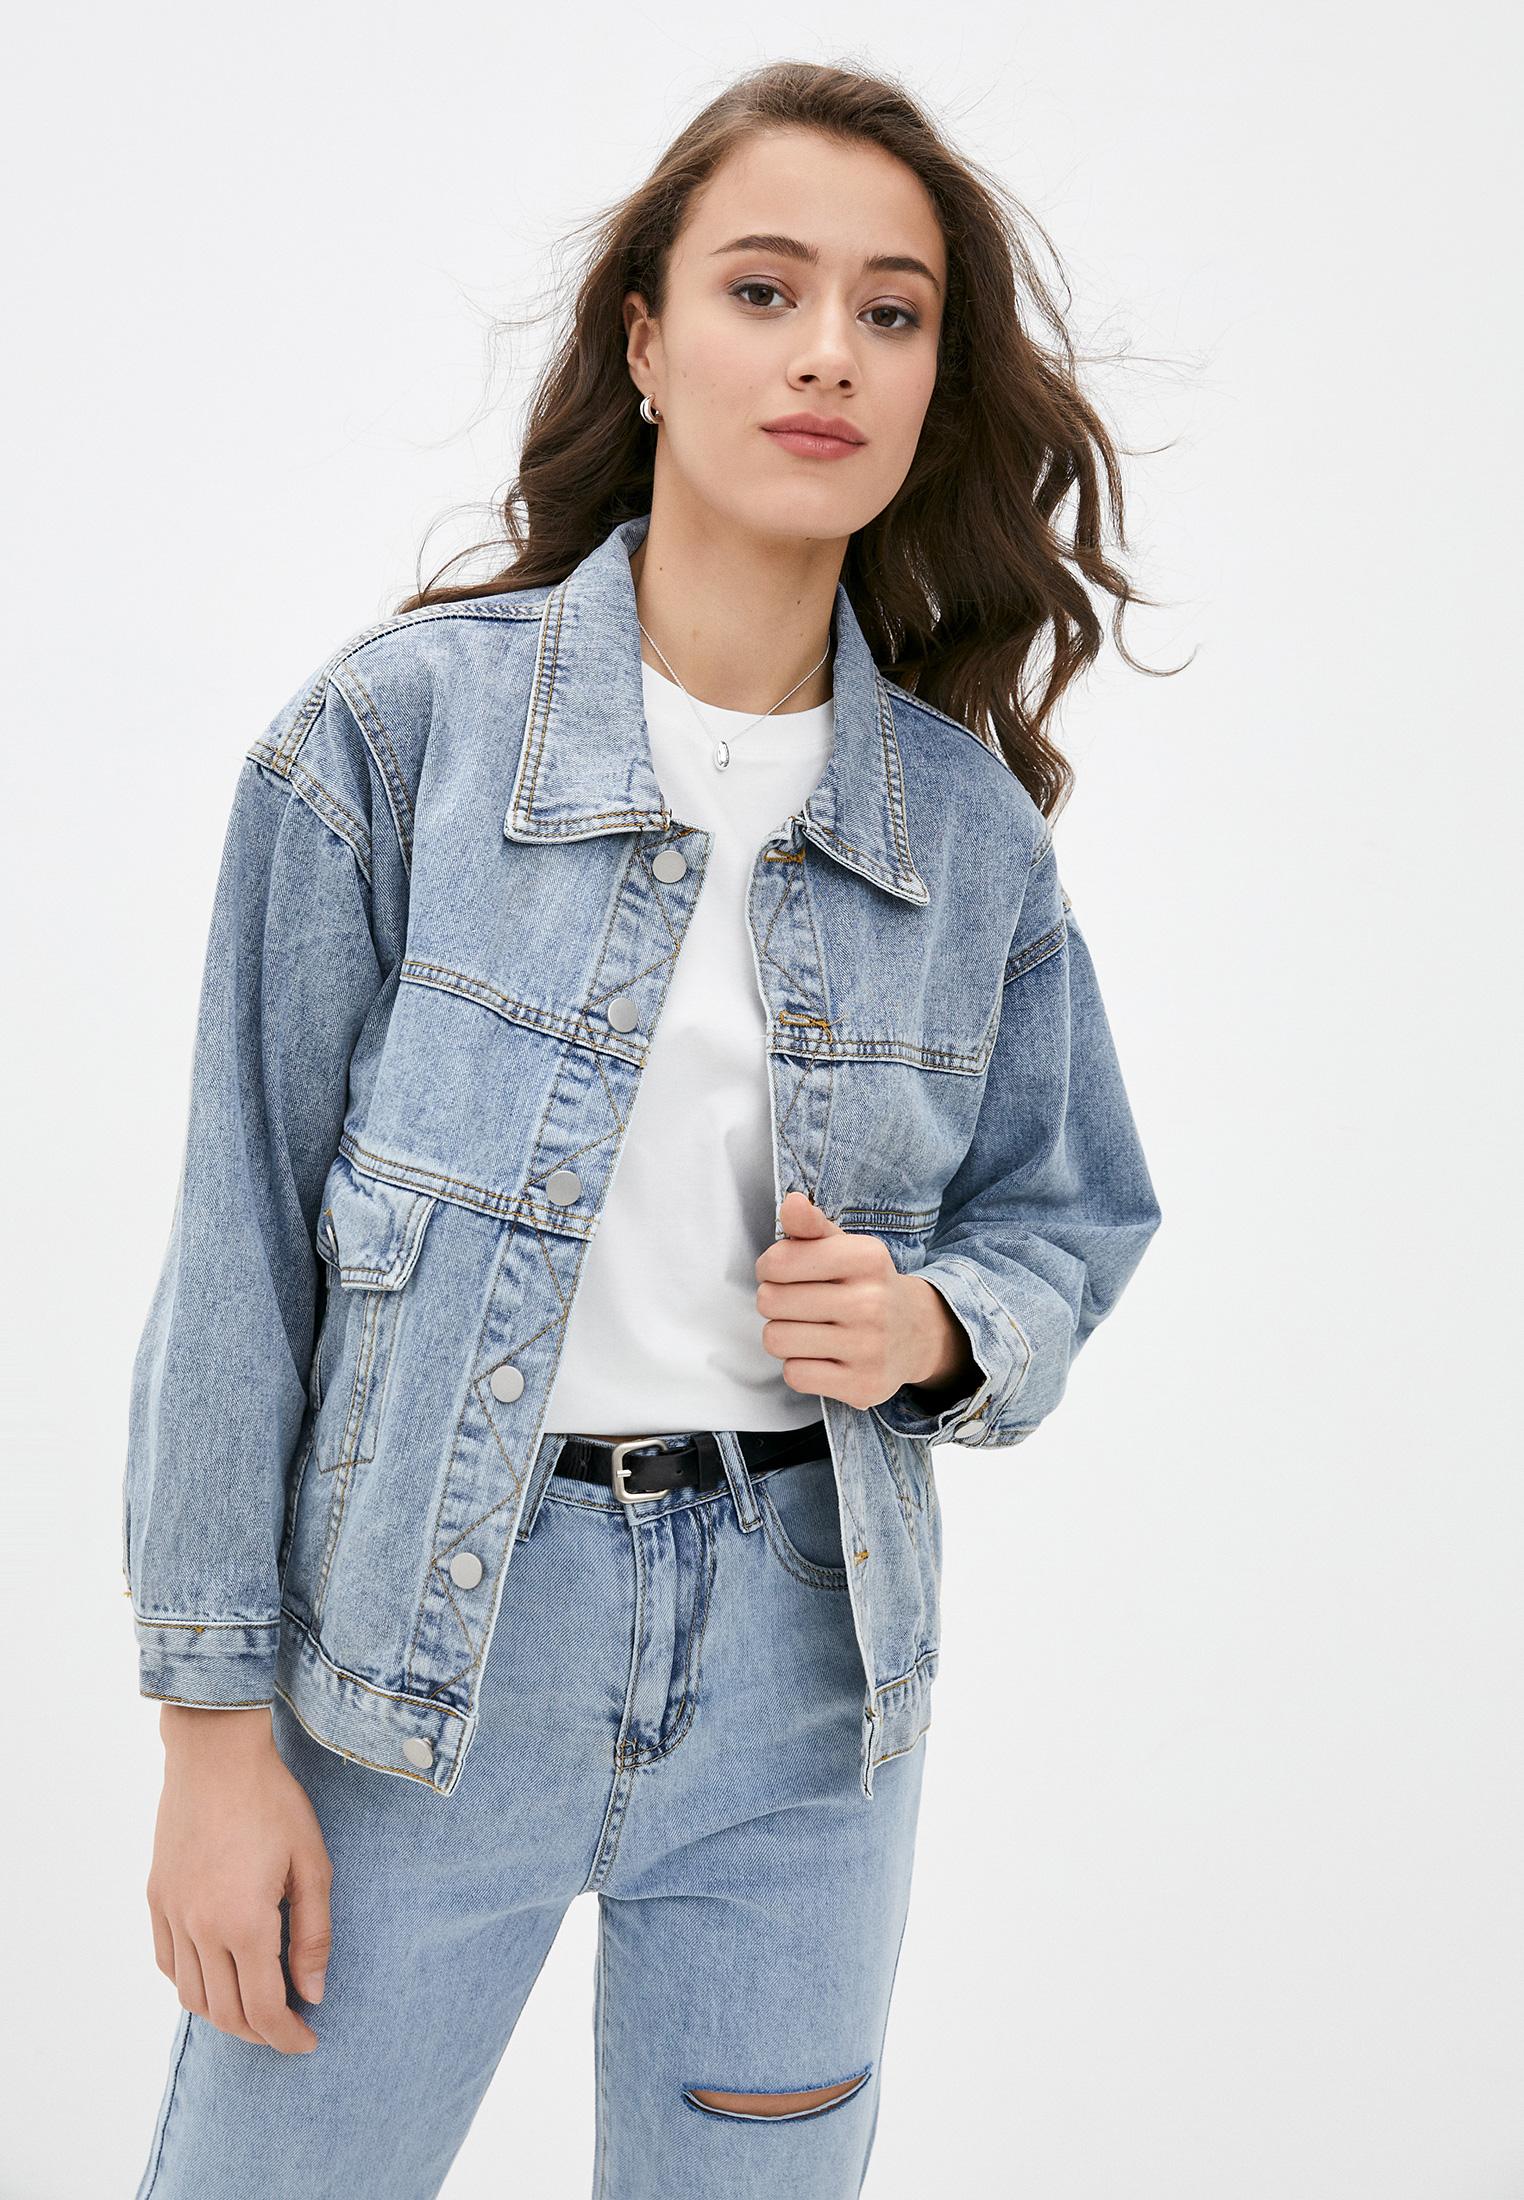 Джинсовая куртка Allegri Куртка джинсовая Allegri